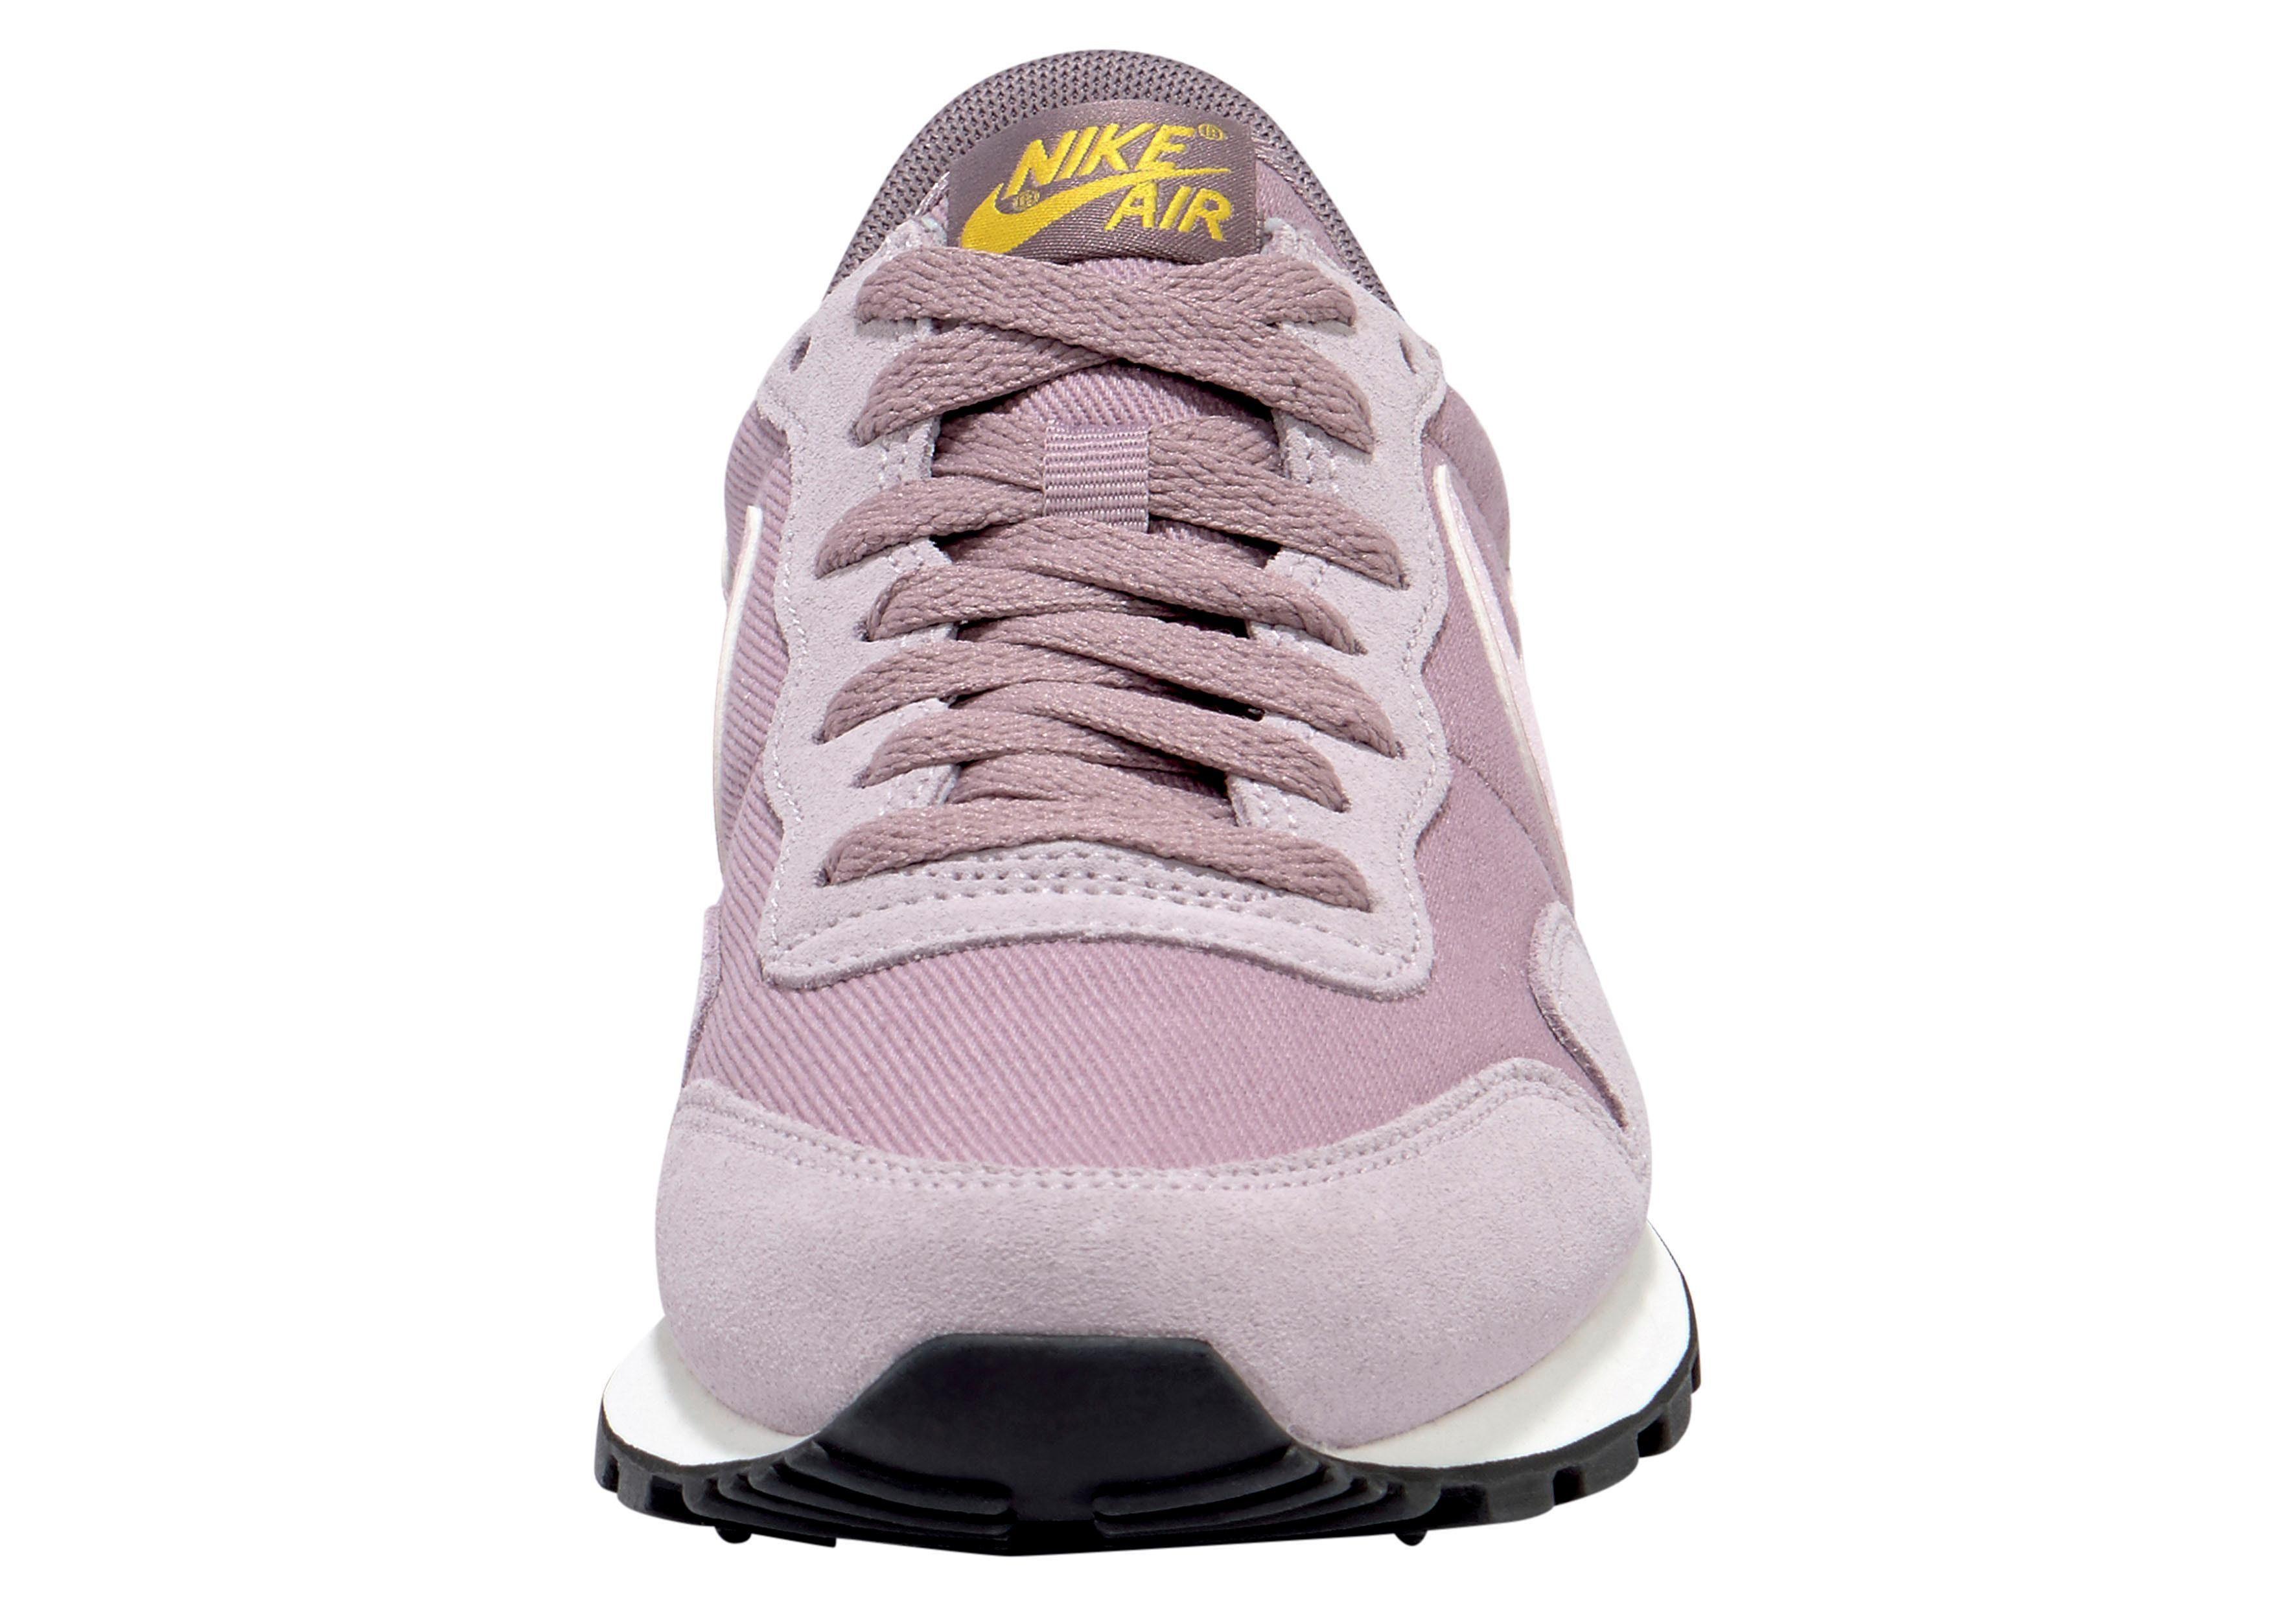 sportswear '83« sneakers pegasus air »wmns roze nike a6dq6